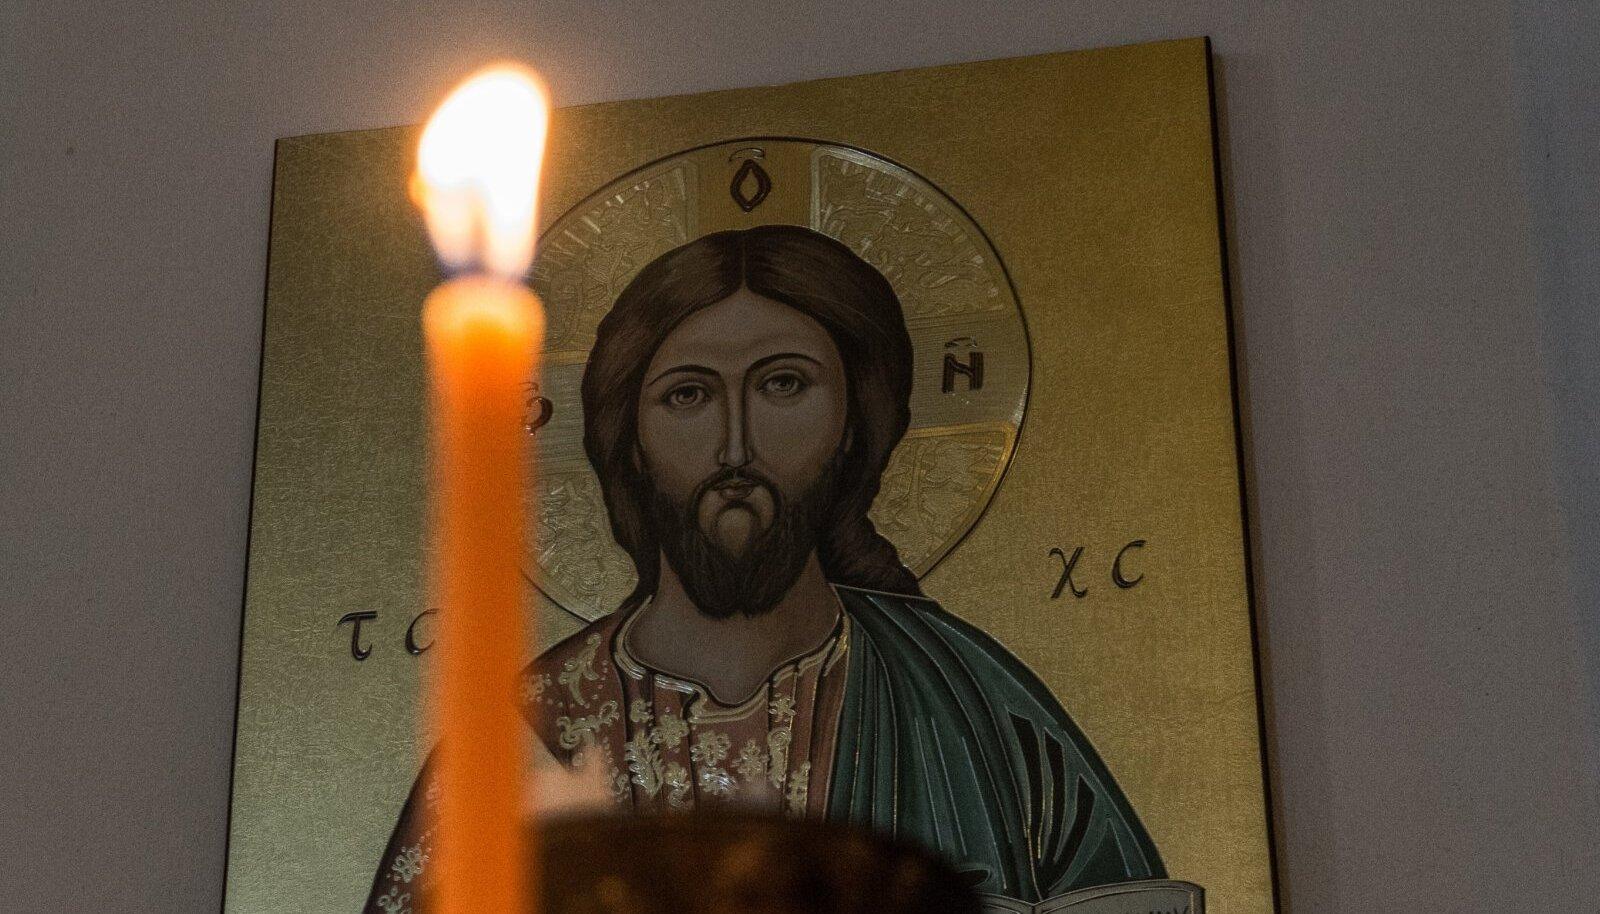 Ristitee ehk Jeesuse Kristuse kannatustee rännak